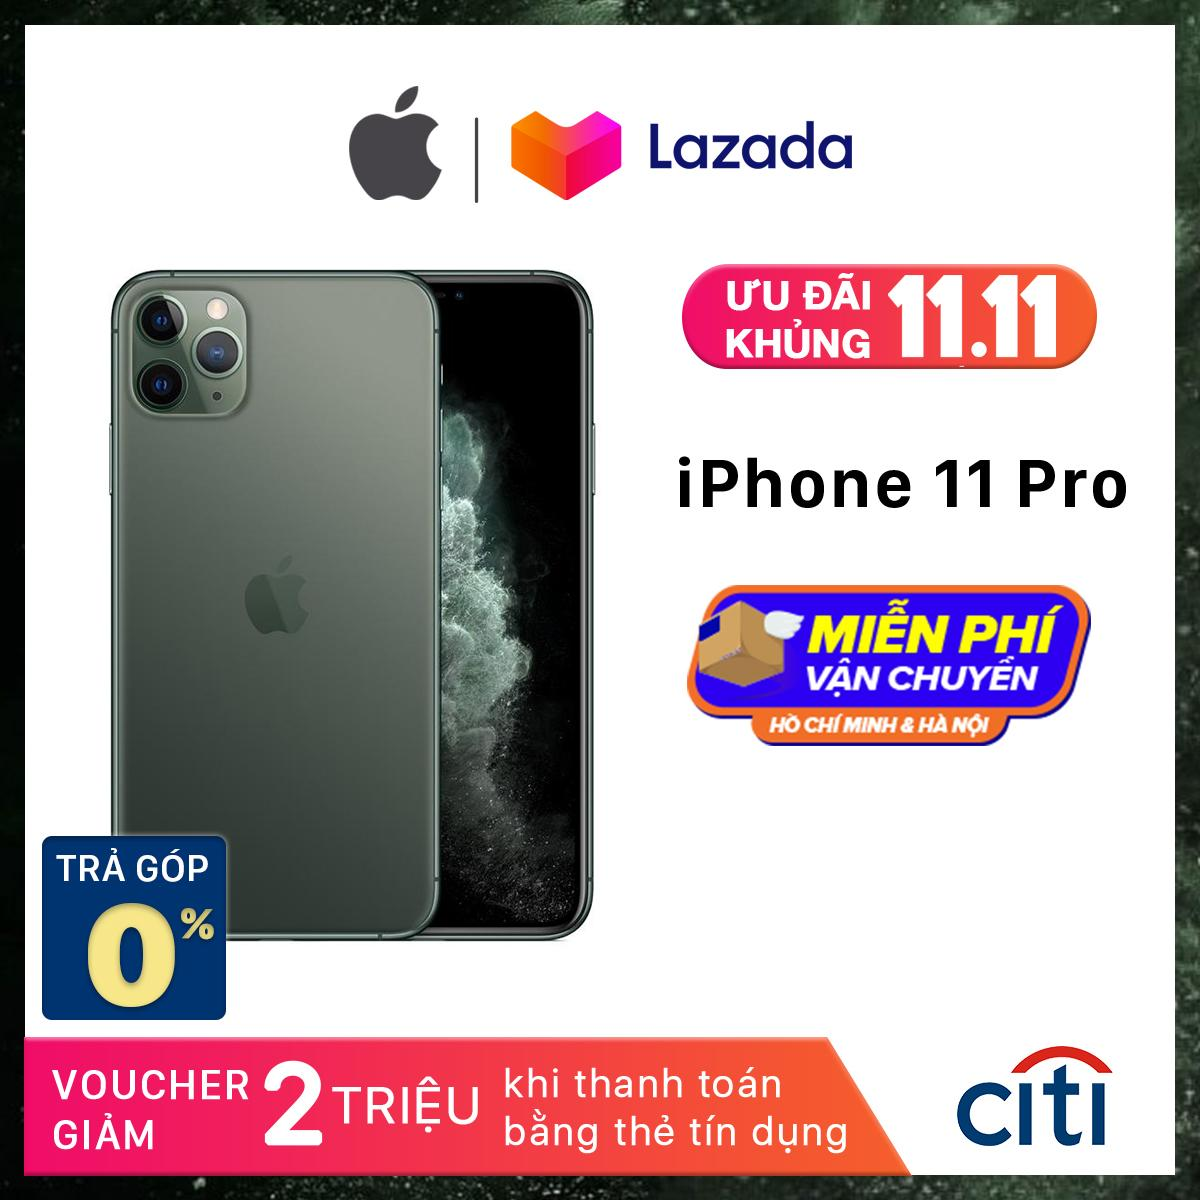 Điện thoại Apple iPhone 11 Pro - Phân Phối Chính Hãng VN/A - Màn Hình Super Retina XDR 5.8inch, Face...